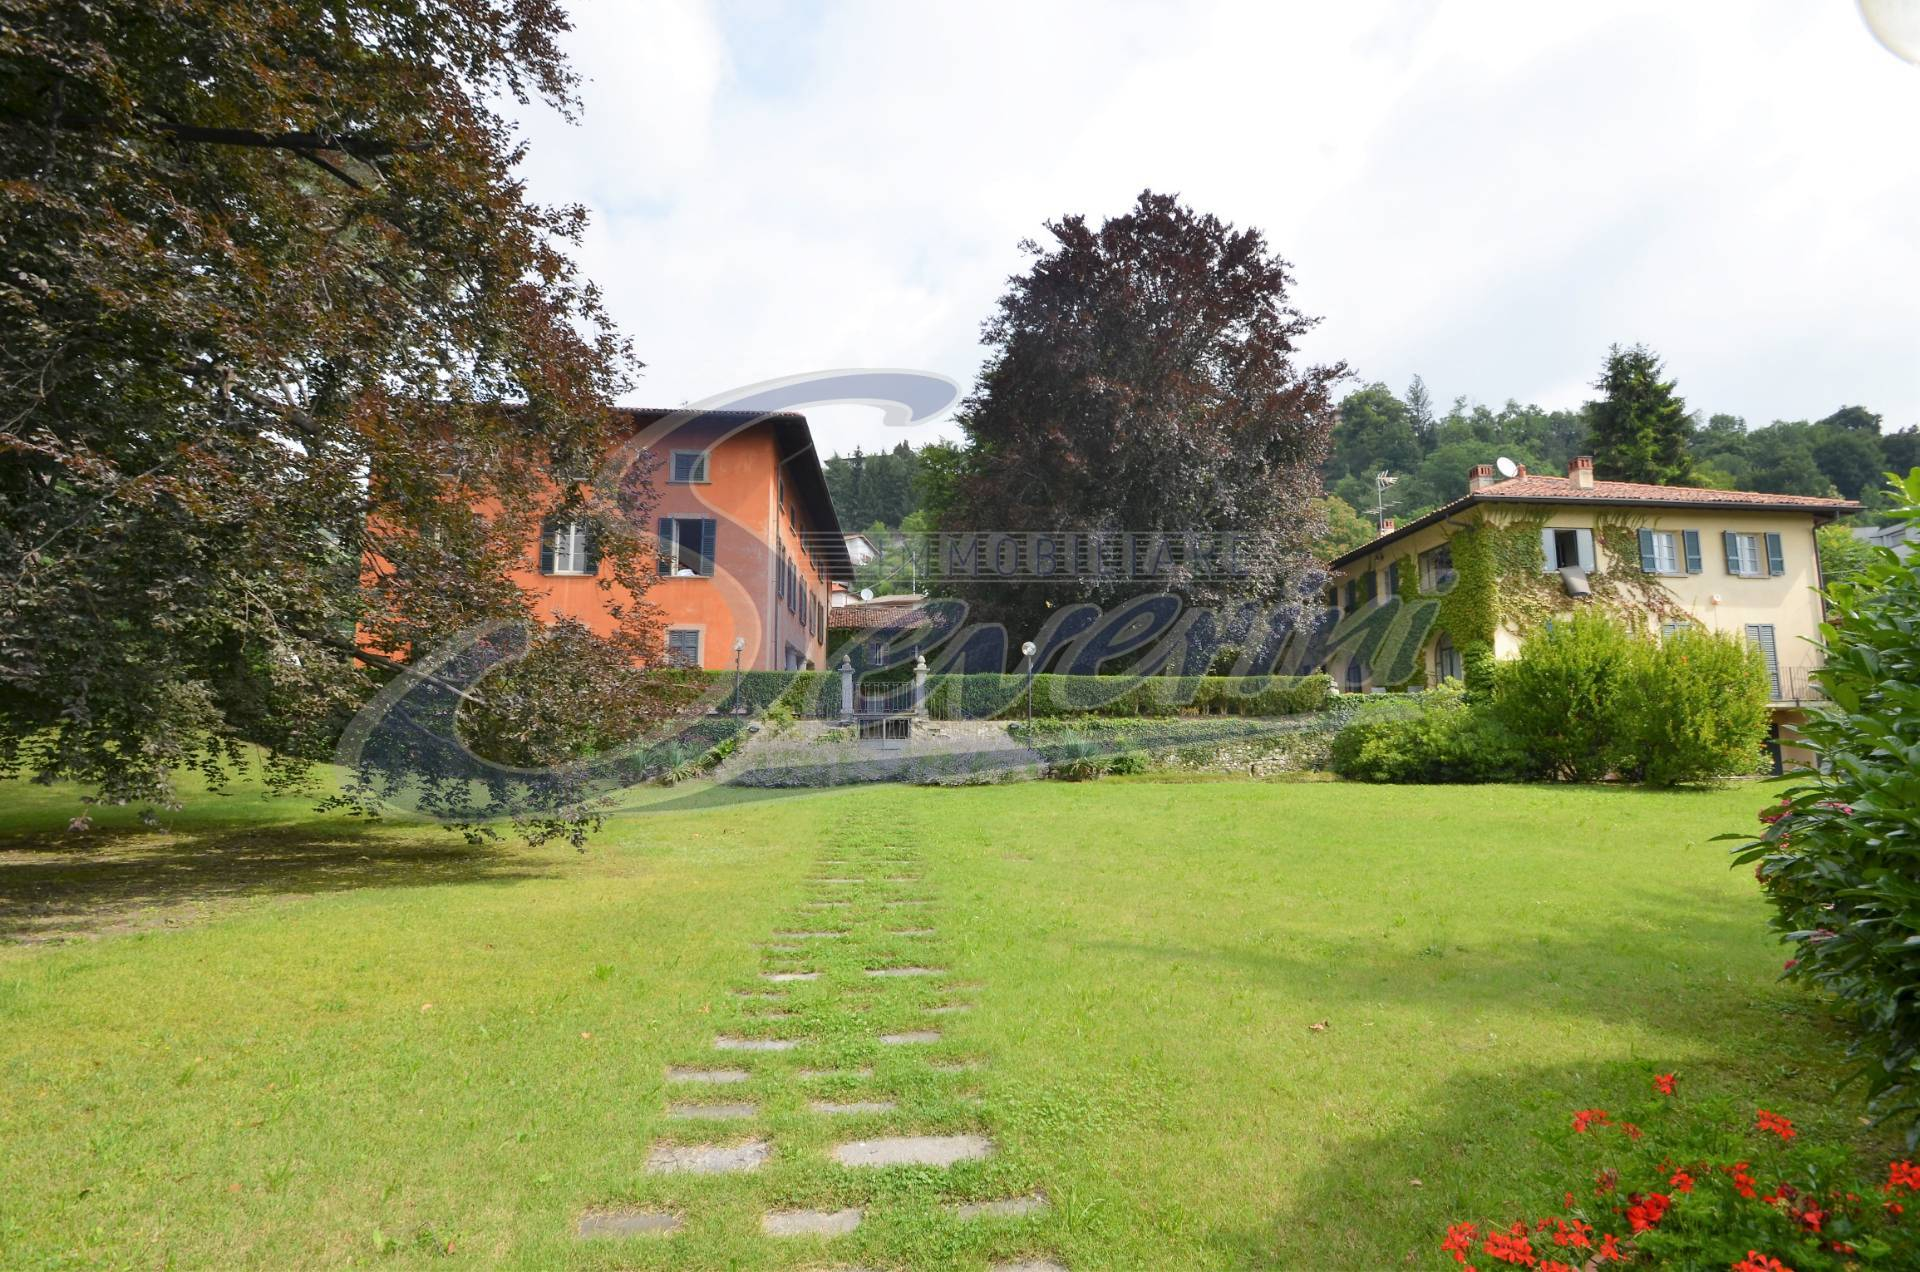 Appartamento in affitto a Tavernerio, 3 locali, prezzo € 1.300 | PortaleAgenzieImmobiliari.it